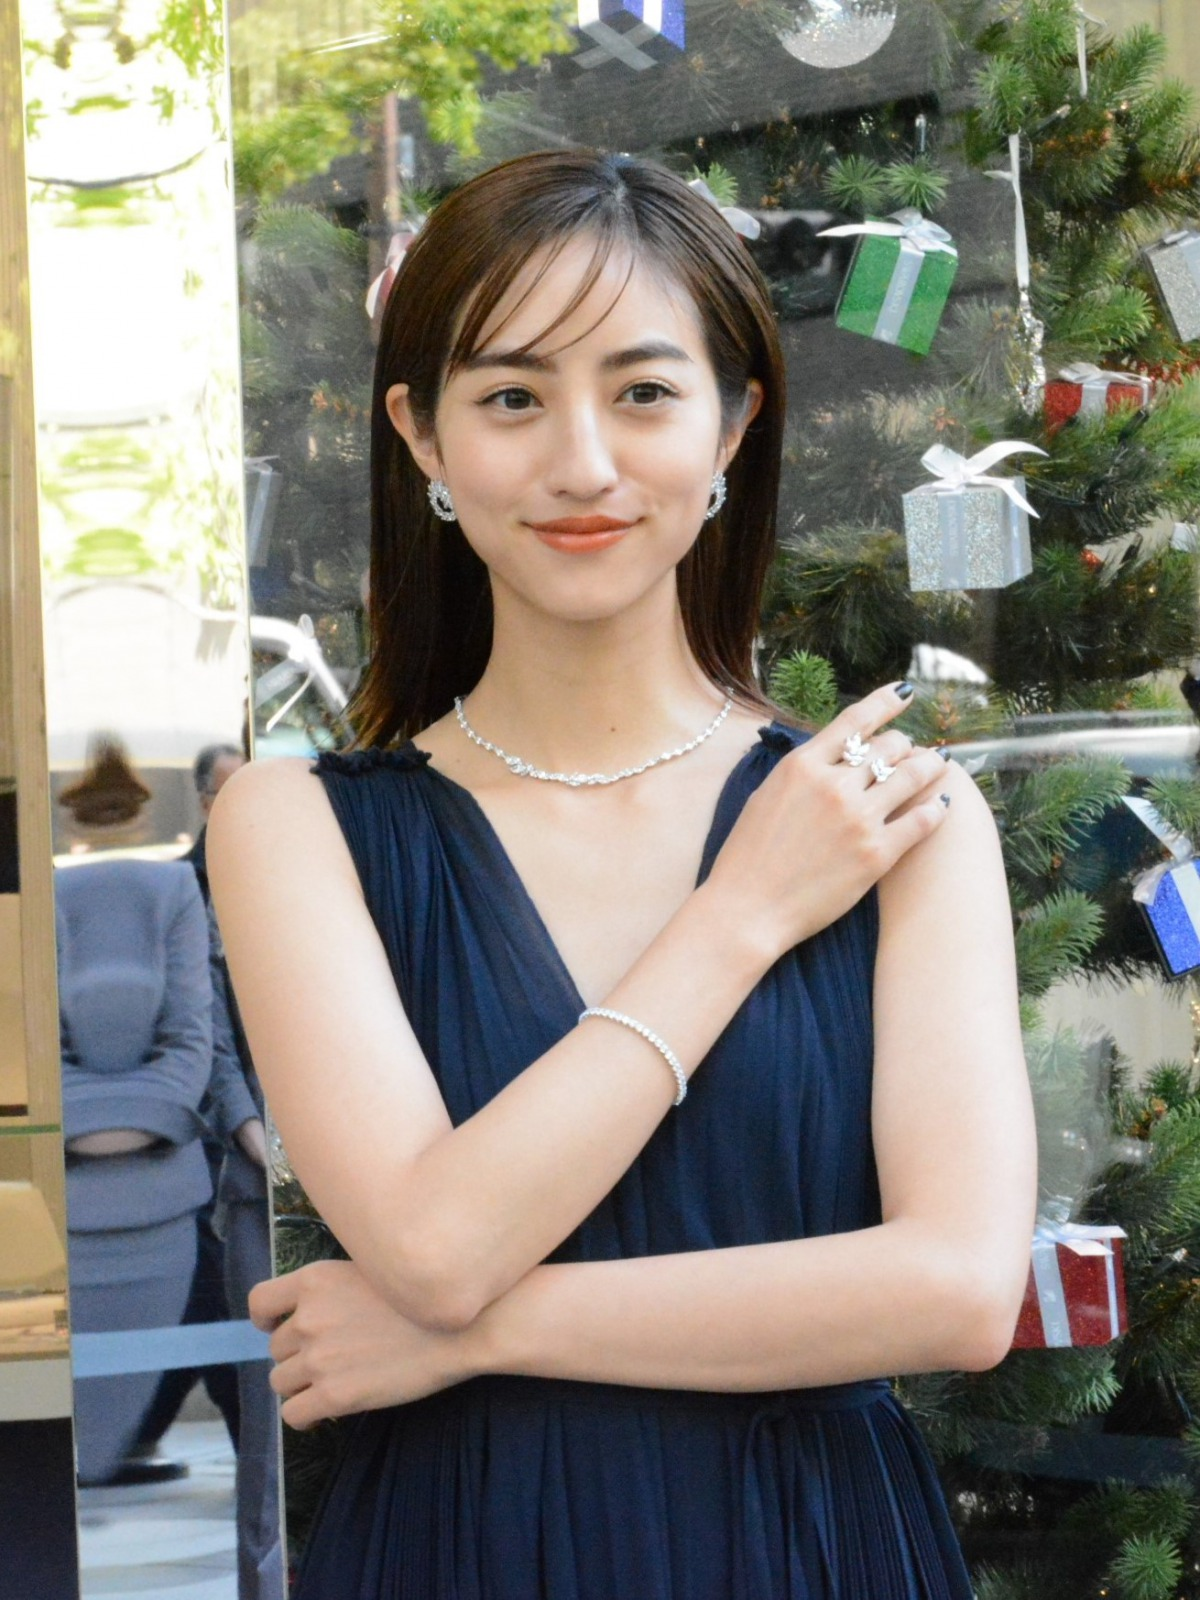 堀田茜 Akane Hotta 350枚 写真 画像 まとめ Picture Photo Web 写真集 Photobook Book Japanese Actress モデル 女優